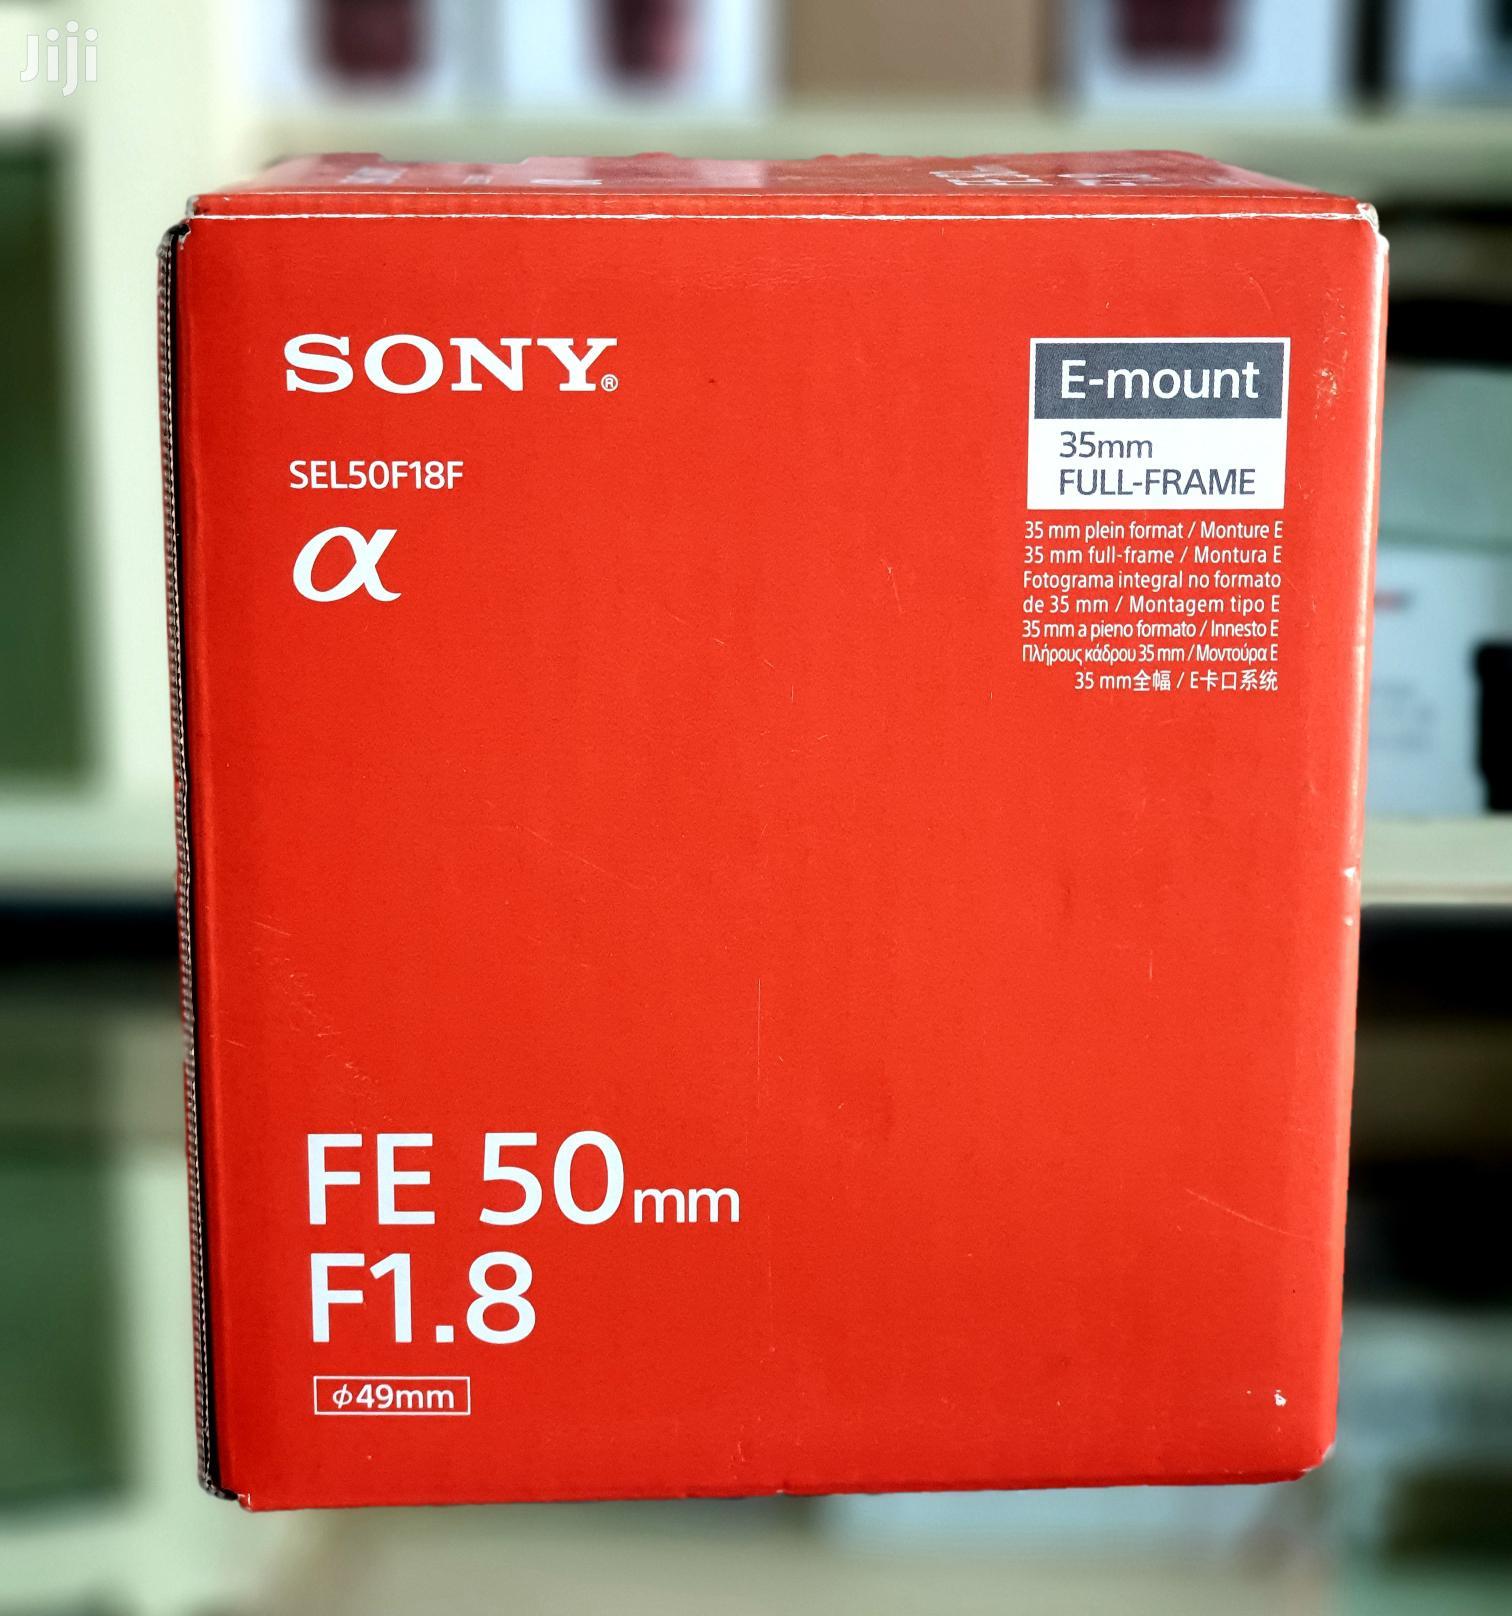 Sony FE 50mm F1.8 Full Frame Lens For Sony E Mount